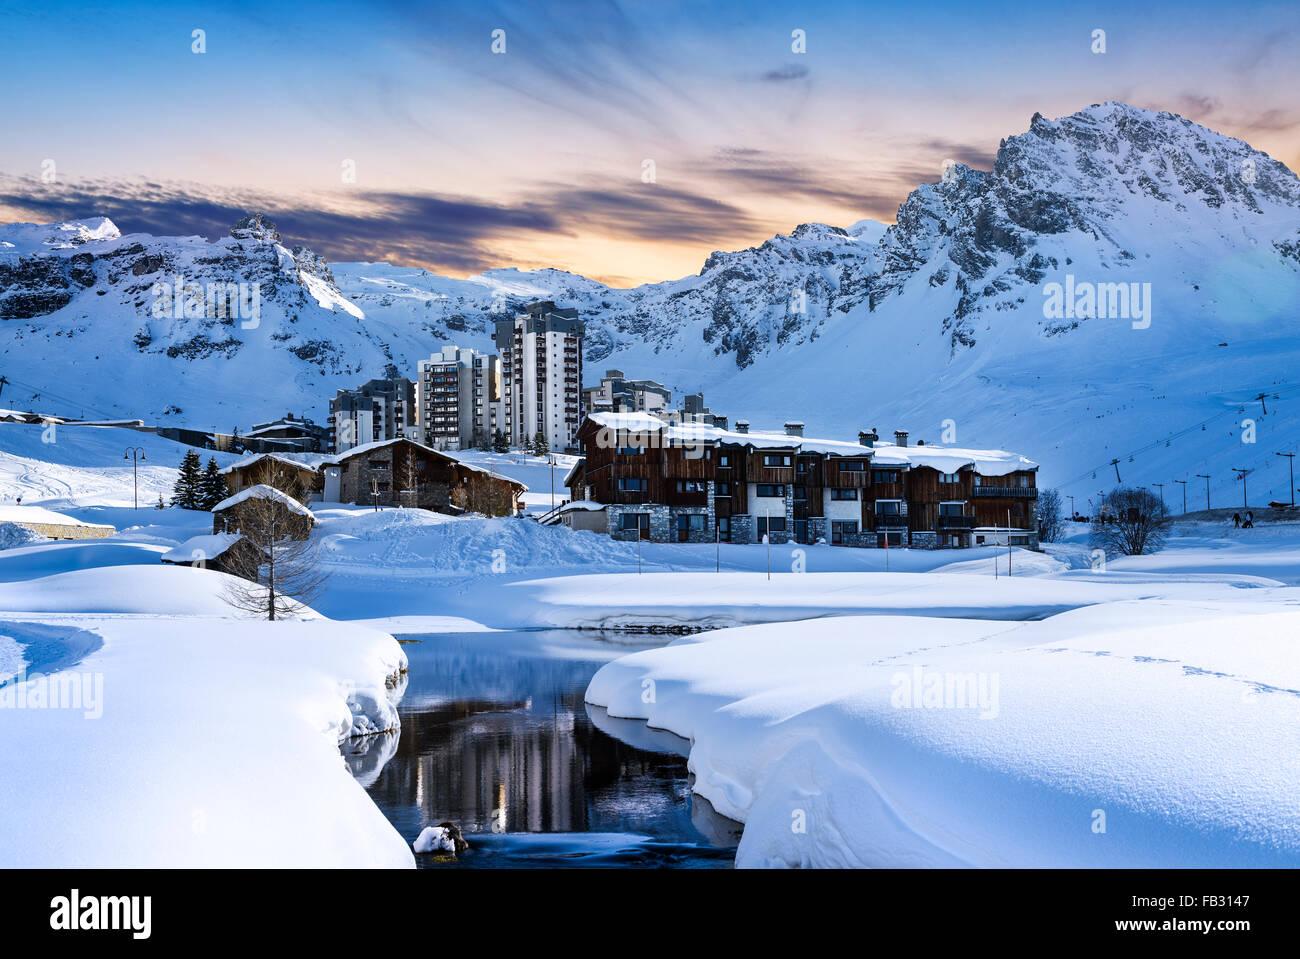 Paisaje nocturno y la estación de esquí en los Alpes franceses, Tignes, Francia Imagen De Stock